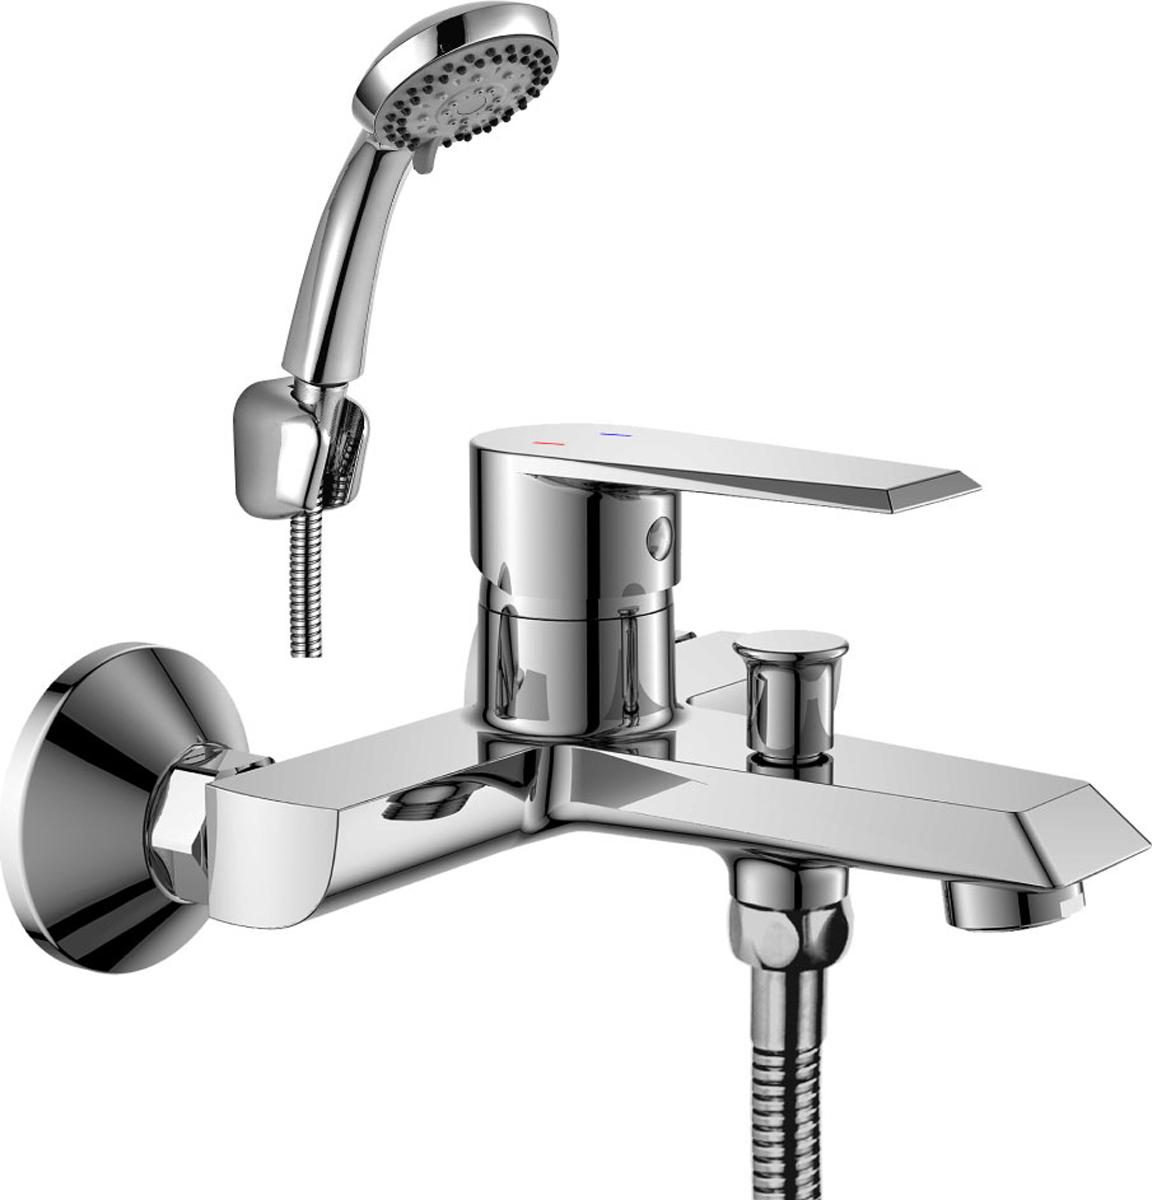 Смеситель Rossinka, для ванны. RS28-31RS28-31Смеситель для ванны с монолитным изливом Rossinka изготовлен высококачественного металла. Комплектация:Пластиковый аэратор с функцией легкой очистки; Керамический картридж 35 мм; Переключатель с керамическими пластинами; Аксессуары: (шланг 1,5 м, настенное крепление, 5-функциональная лейка с функцией легкой очистки); Присоединительная группа (эксцентрики с отражателями) для вертикального крепления; Металлическая рукоятка. Смесители Rossinka были разработаны российским институтом НИИ Сантехники, что позволило произвести продукт, максимально подходящий под условия эксплуатации в нашей стране (жесткая вода, частые перепады температуры и напора воды).НИИ Сантехники рекомендует установку смесителей Rossinka в жилых помещениях, в детских, лечебно-профилактических, дошкольных и школьных учреждениях.Наличие международного сертификата ISO 9001 гарантирует стабильность качества выпускаемой продукции.Сервисная сеть насчитывает 90 гарантийных мастерских по России и странам СНГ. Плановый срок службы смесителей 30 лет.Гарантия на корпус смесителя при условии использования в бытовых условиях 7 лет.